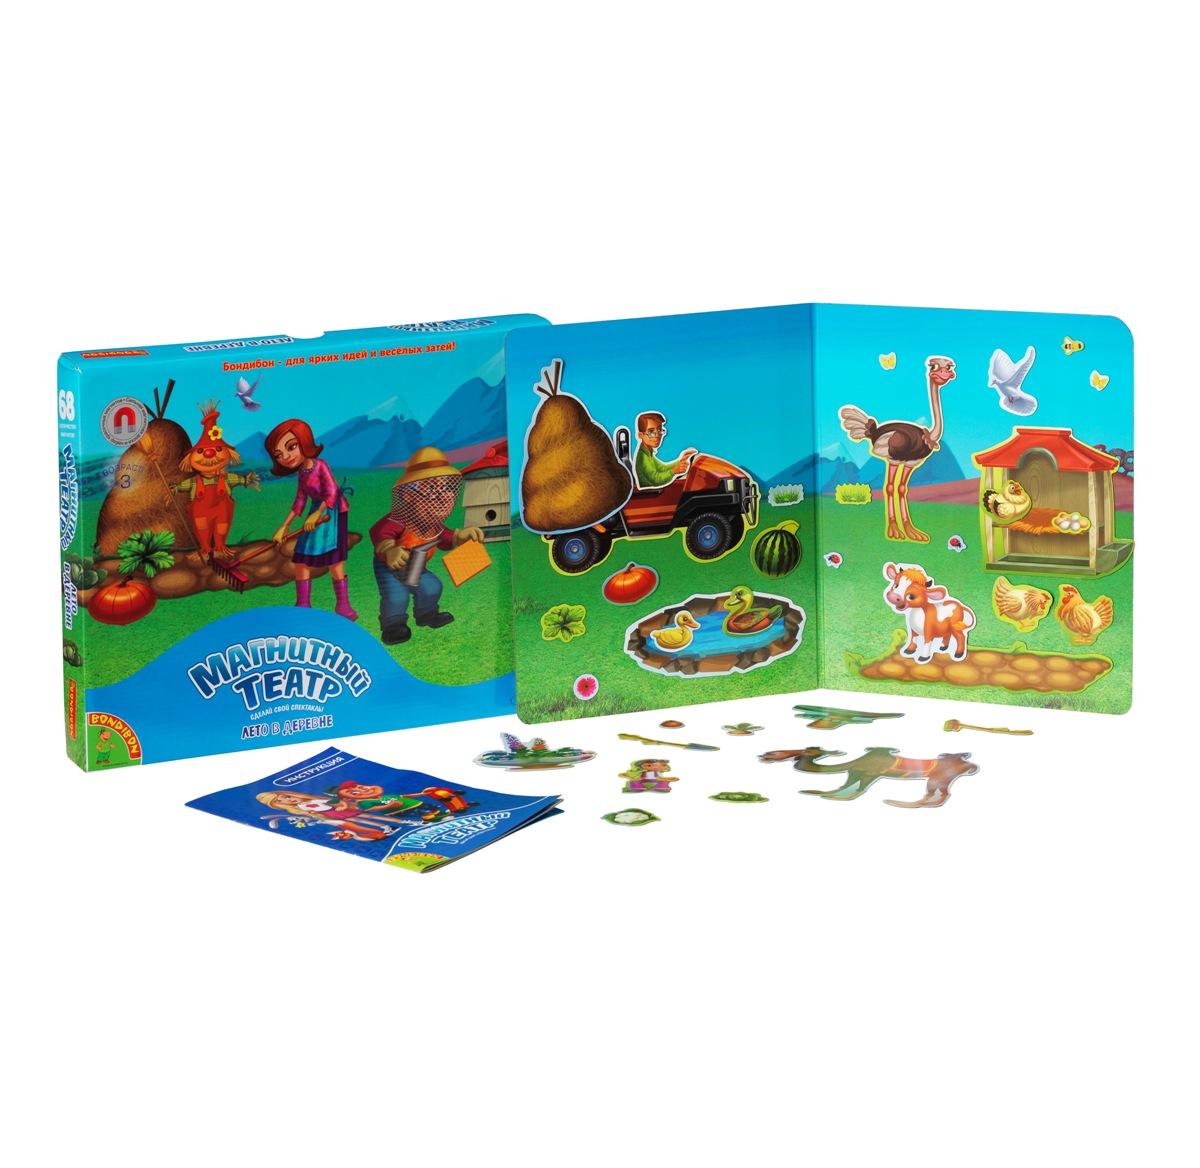 Bondibon Обучающая игра Лето в деревне, Bondibon Creatures Co., LTD